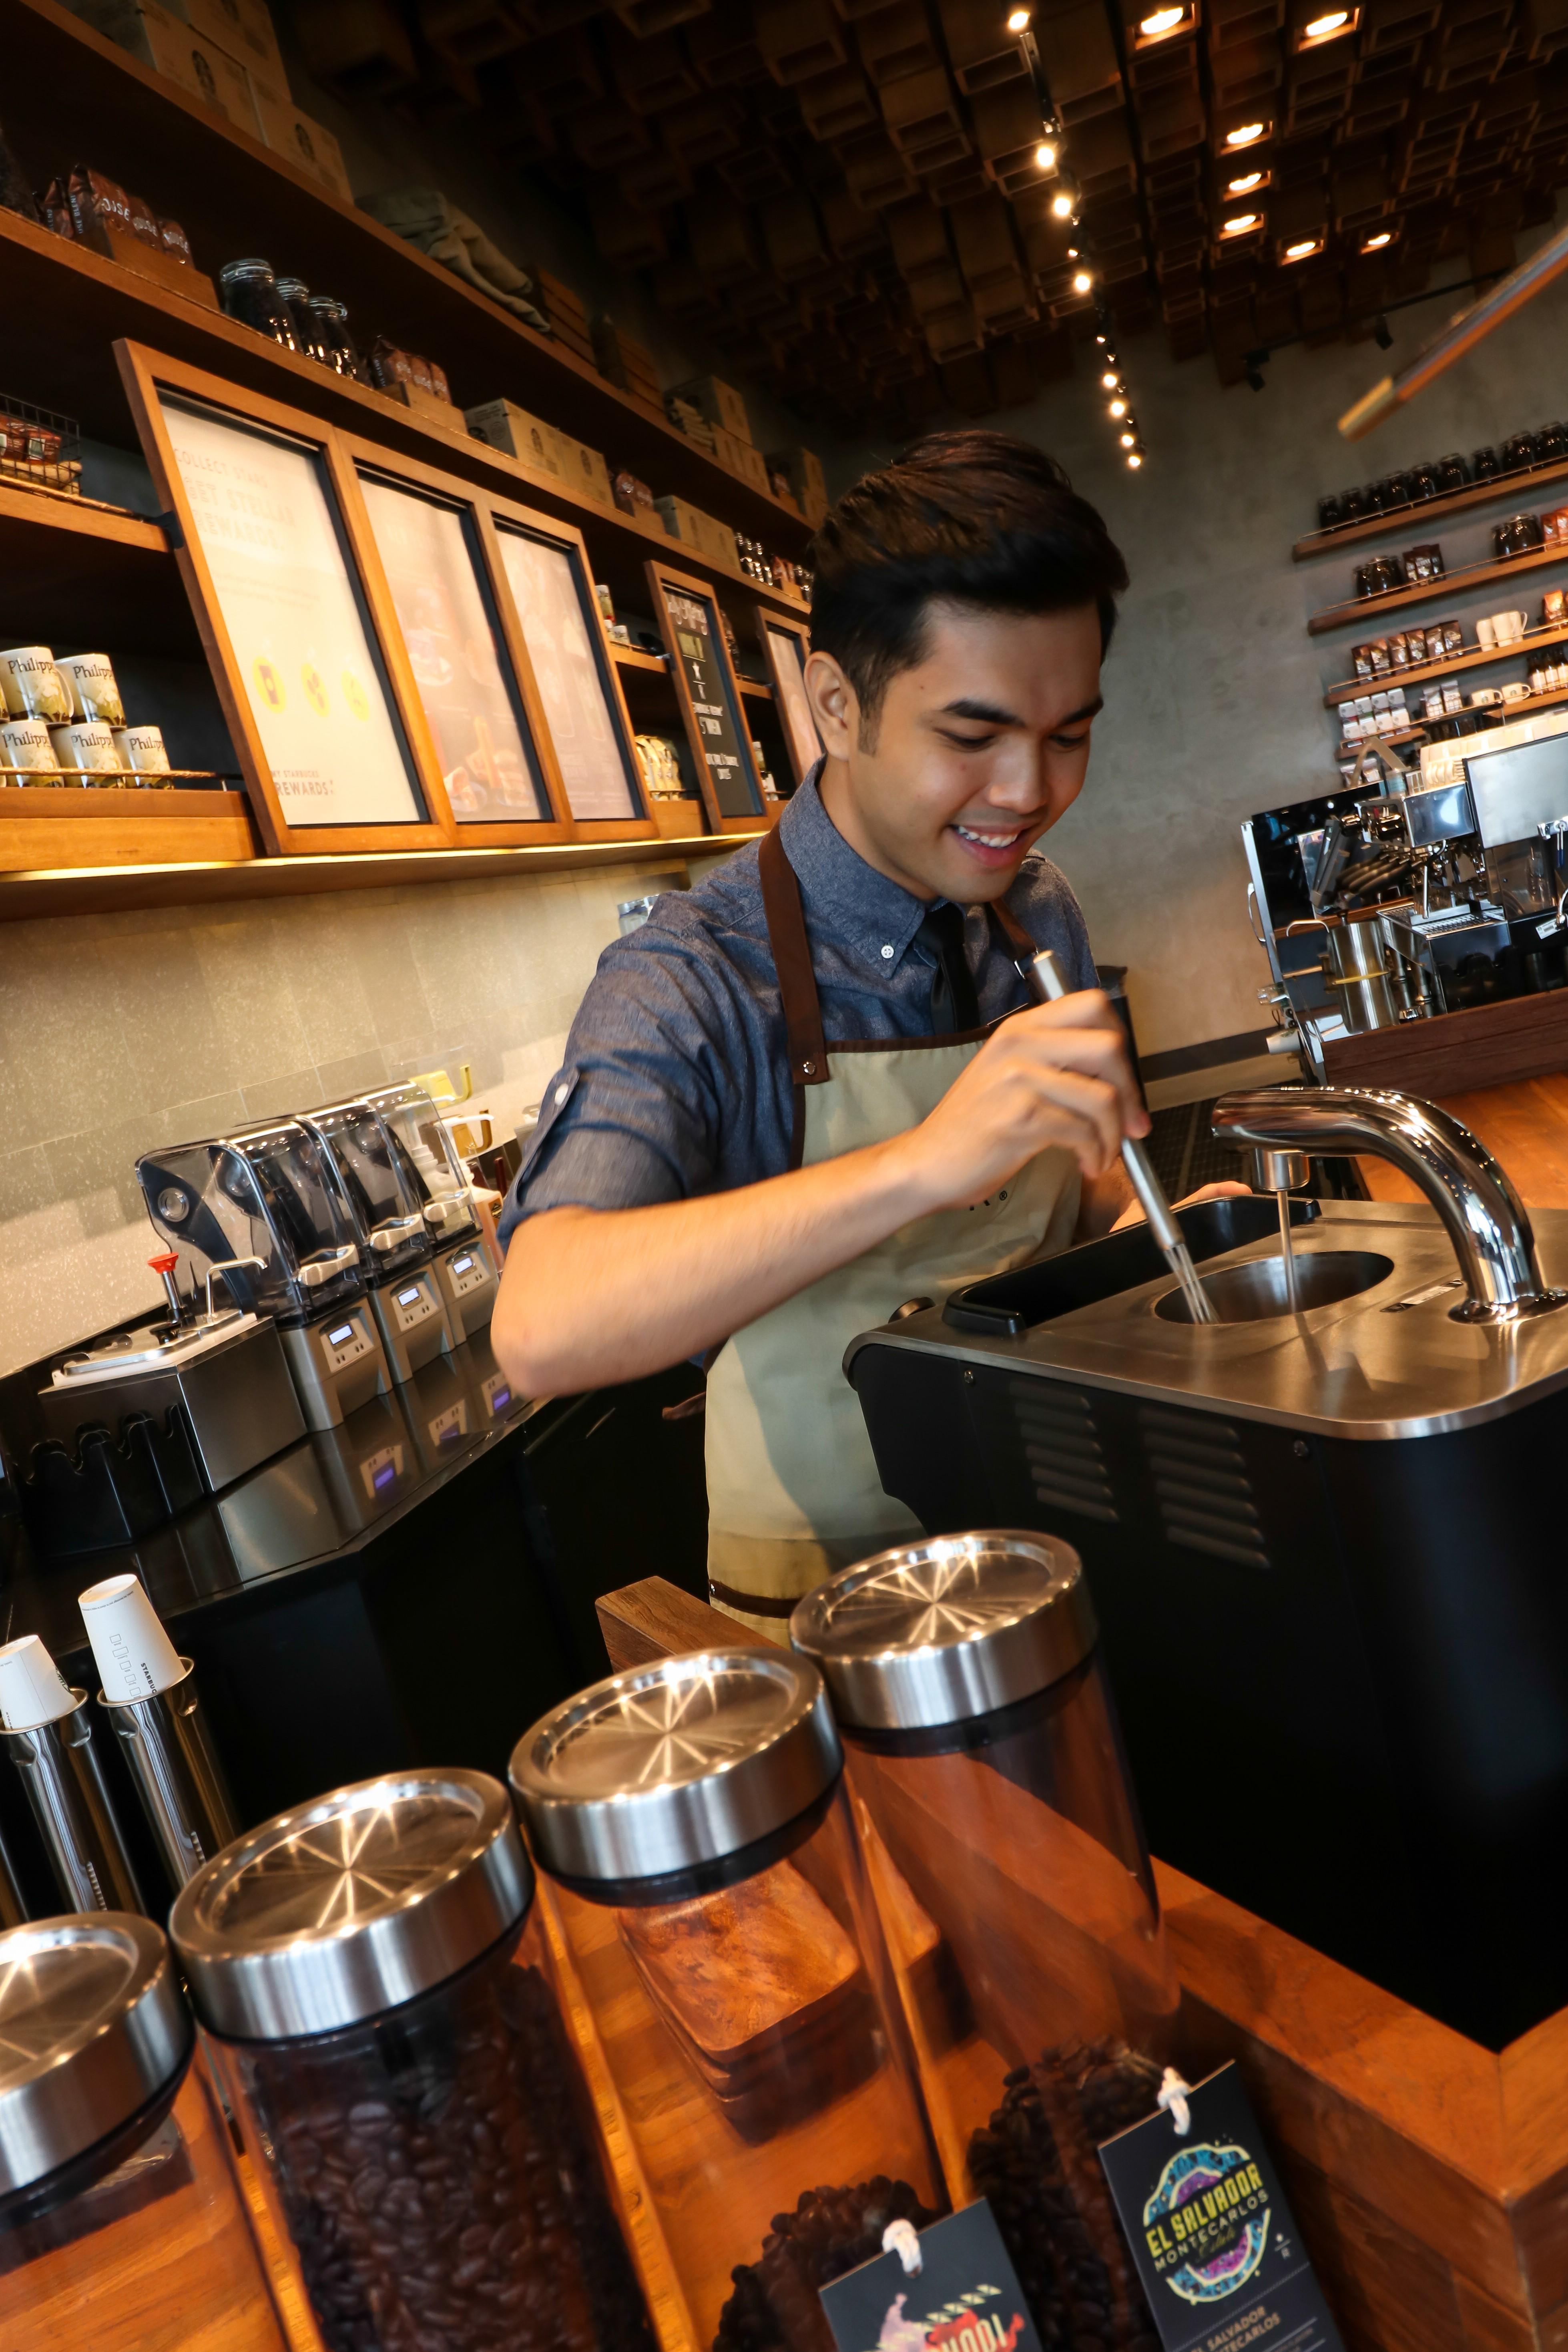 Starbucks, Roasting Data and Brewing Analytics!